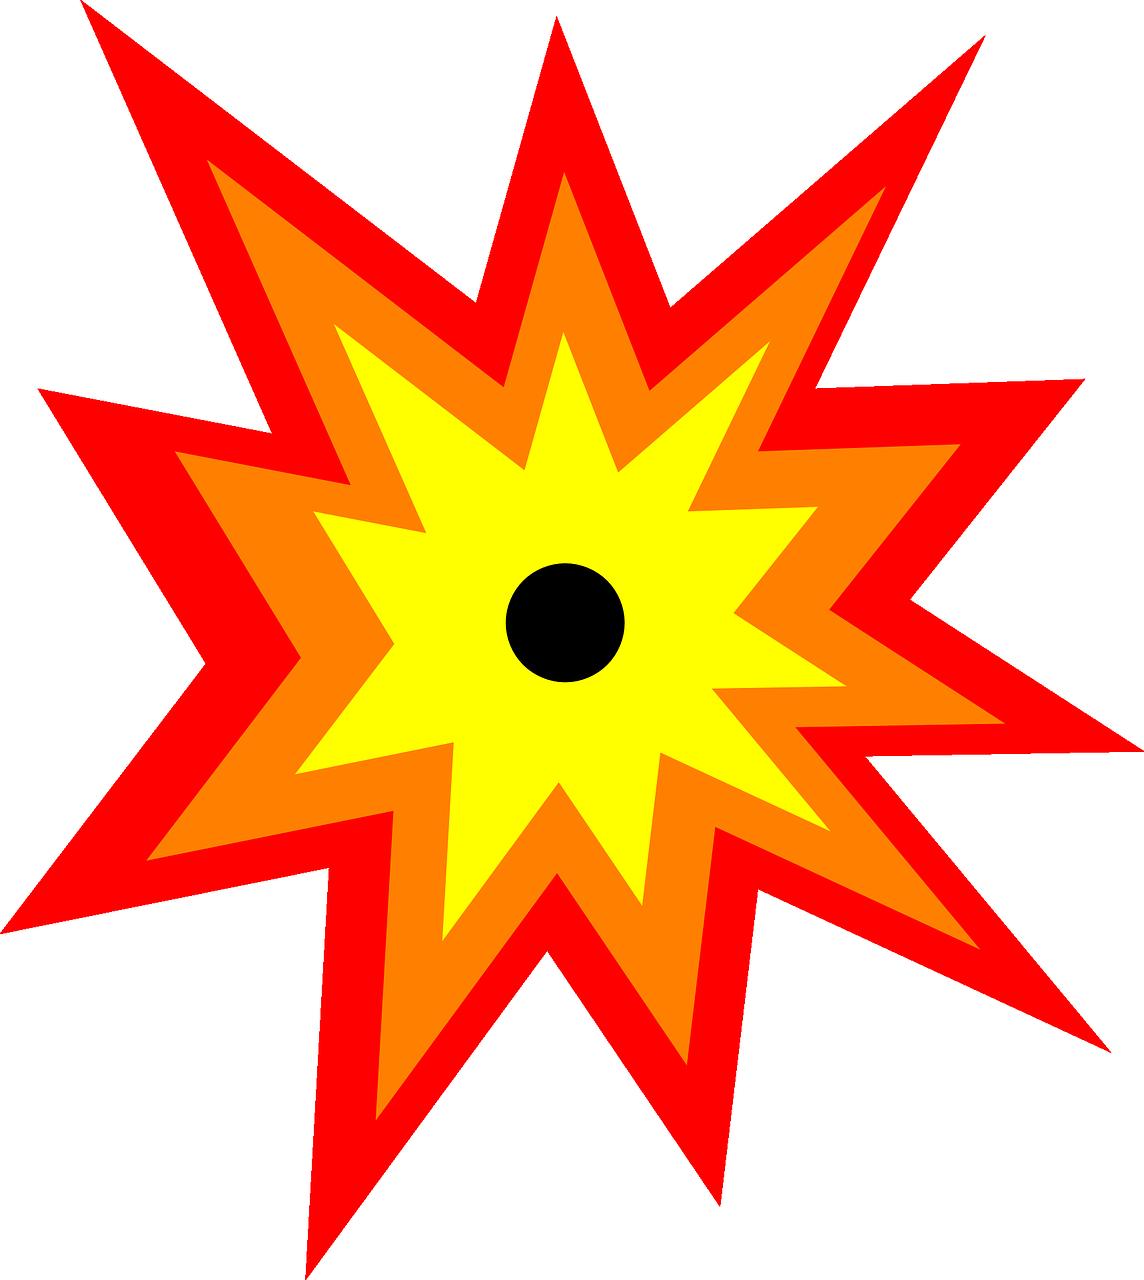 Burst clipart explosion. Free image on pixabay